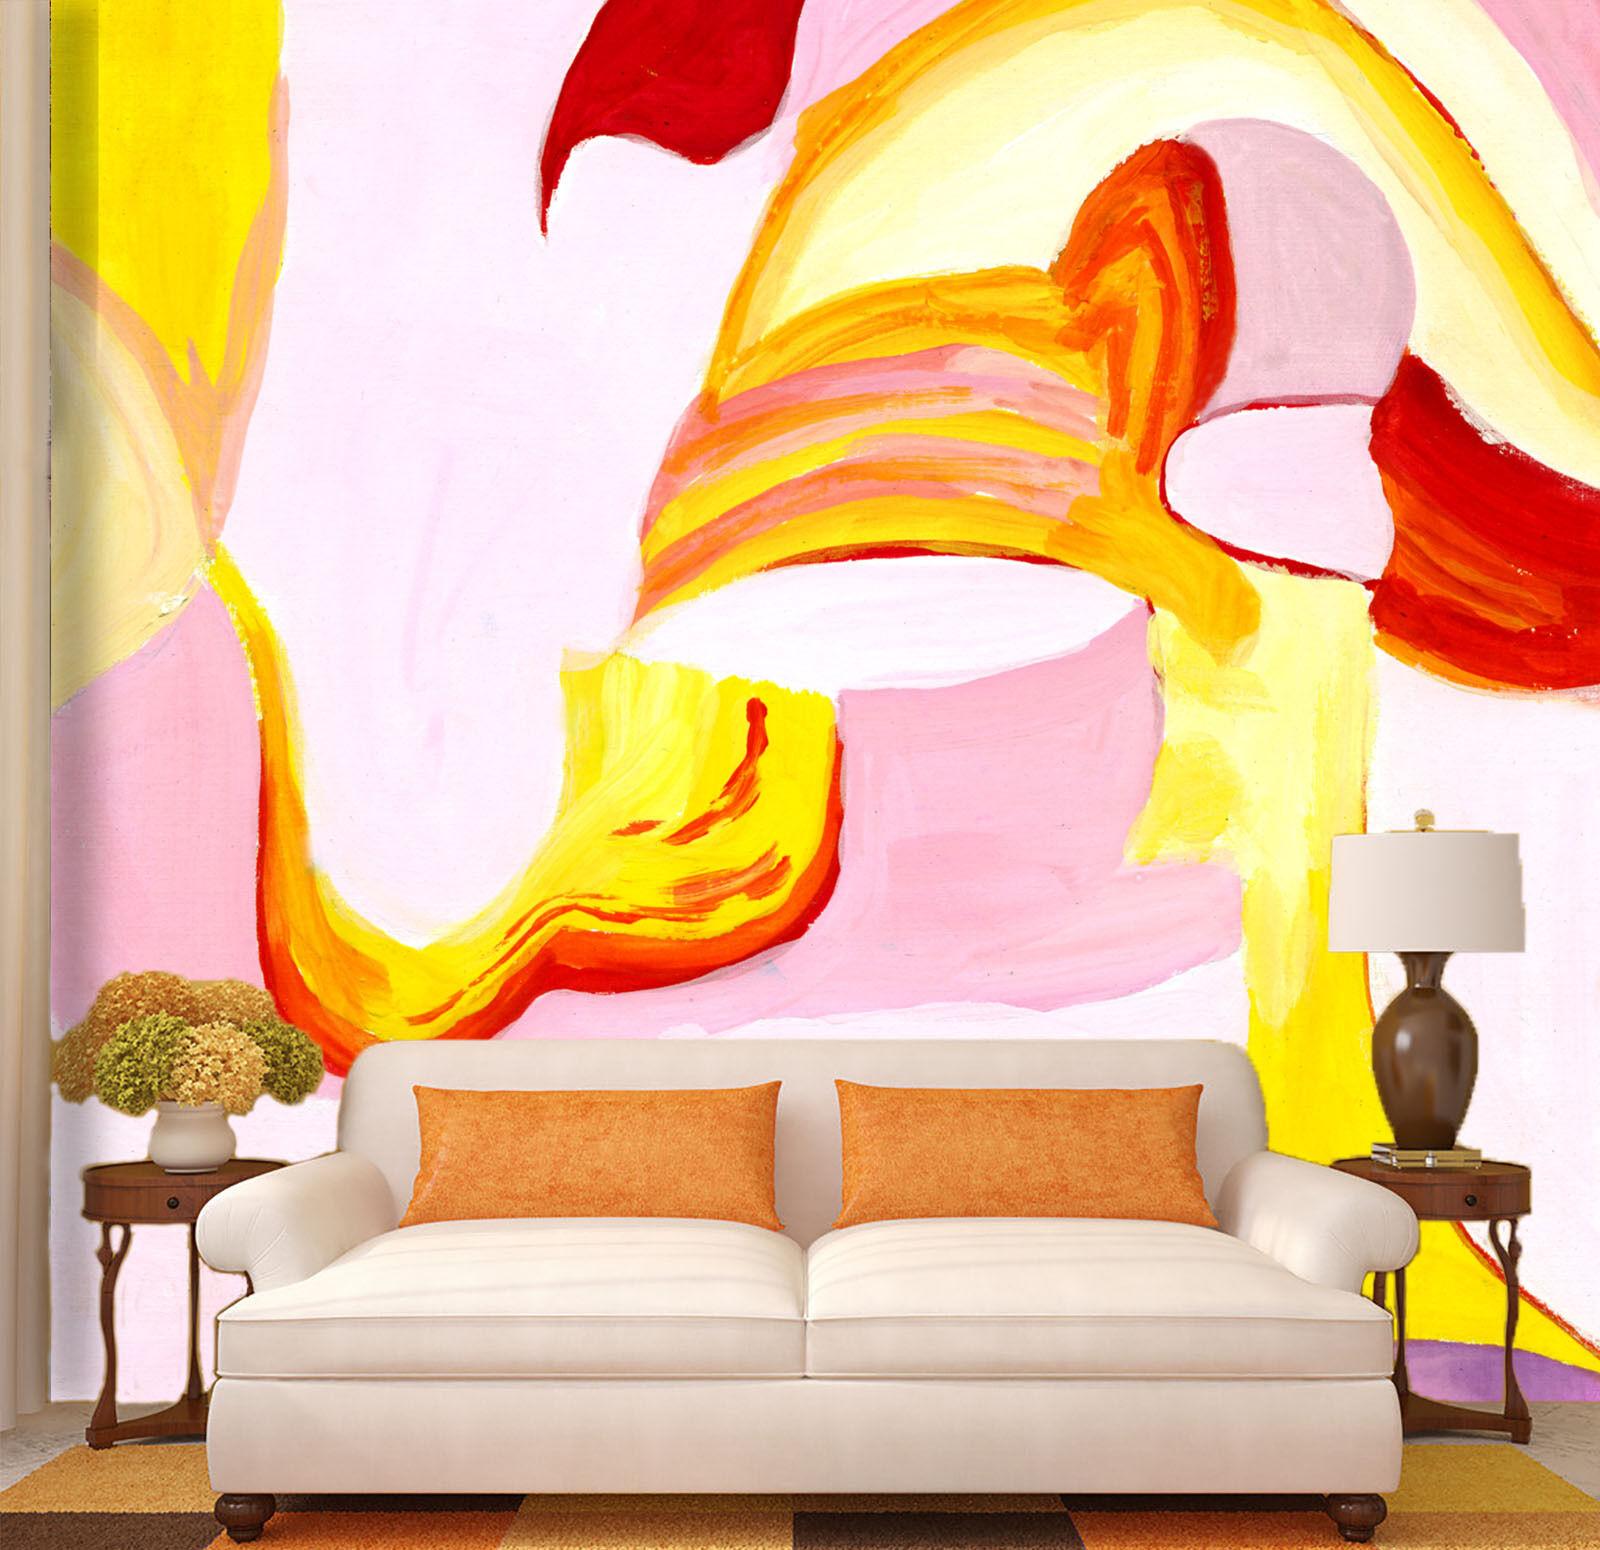 Mega Modern Abstract Painting 417 Wall Paper Wall Print Decal Wall AJ Wall Paper